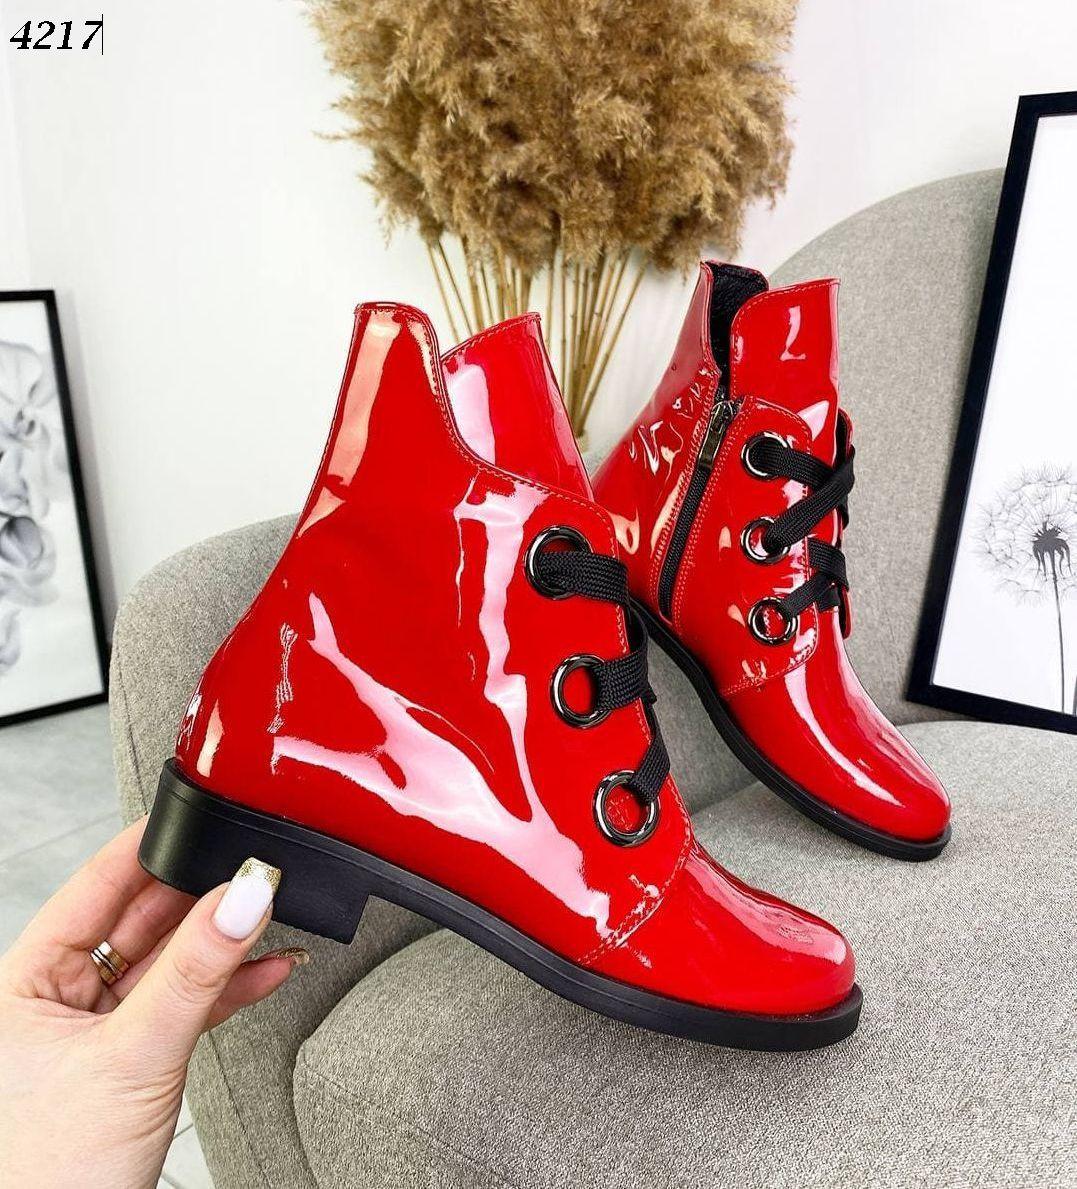 Жіночі шкіряні лакові демісезонні черевики на низькому ходу 36-40 р червоний